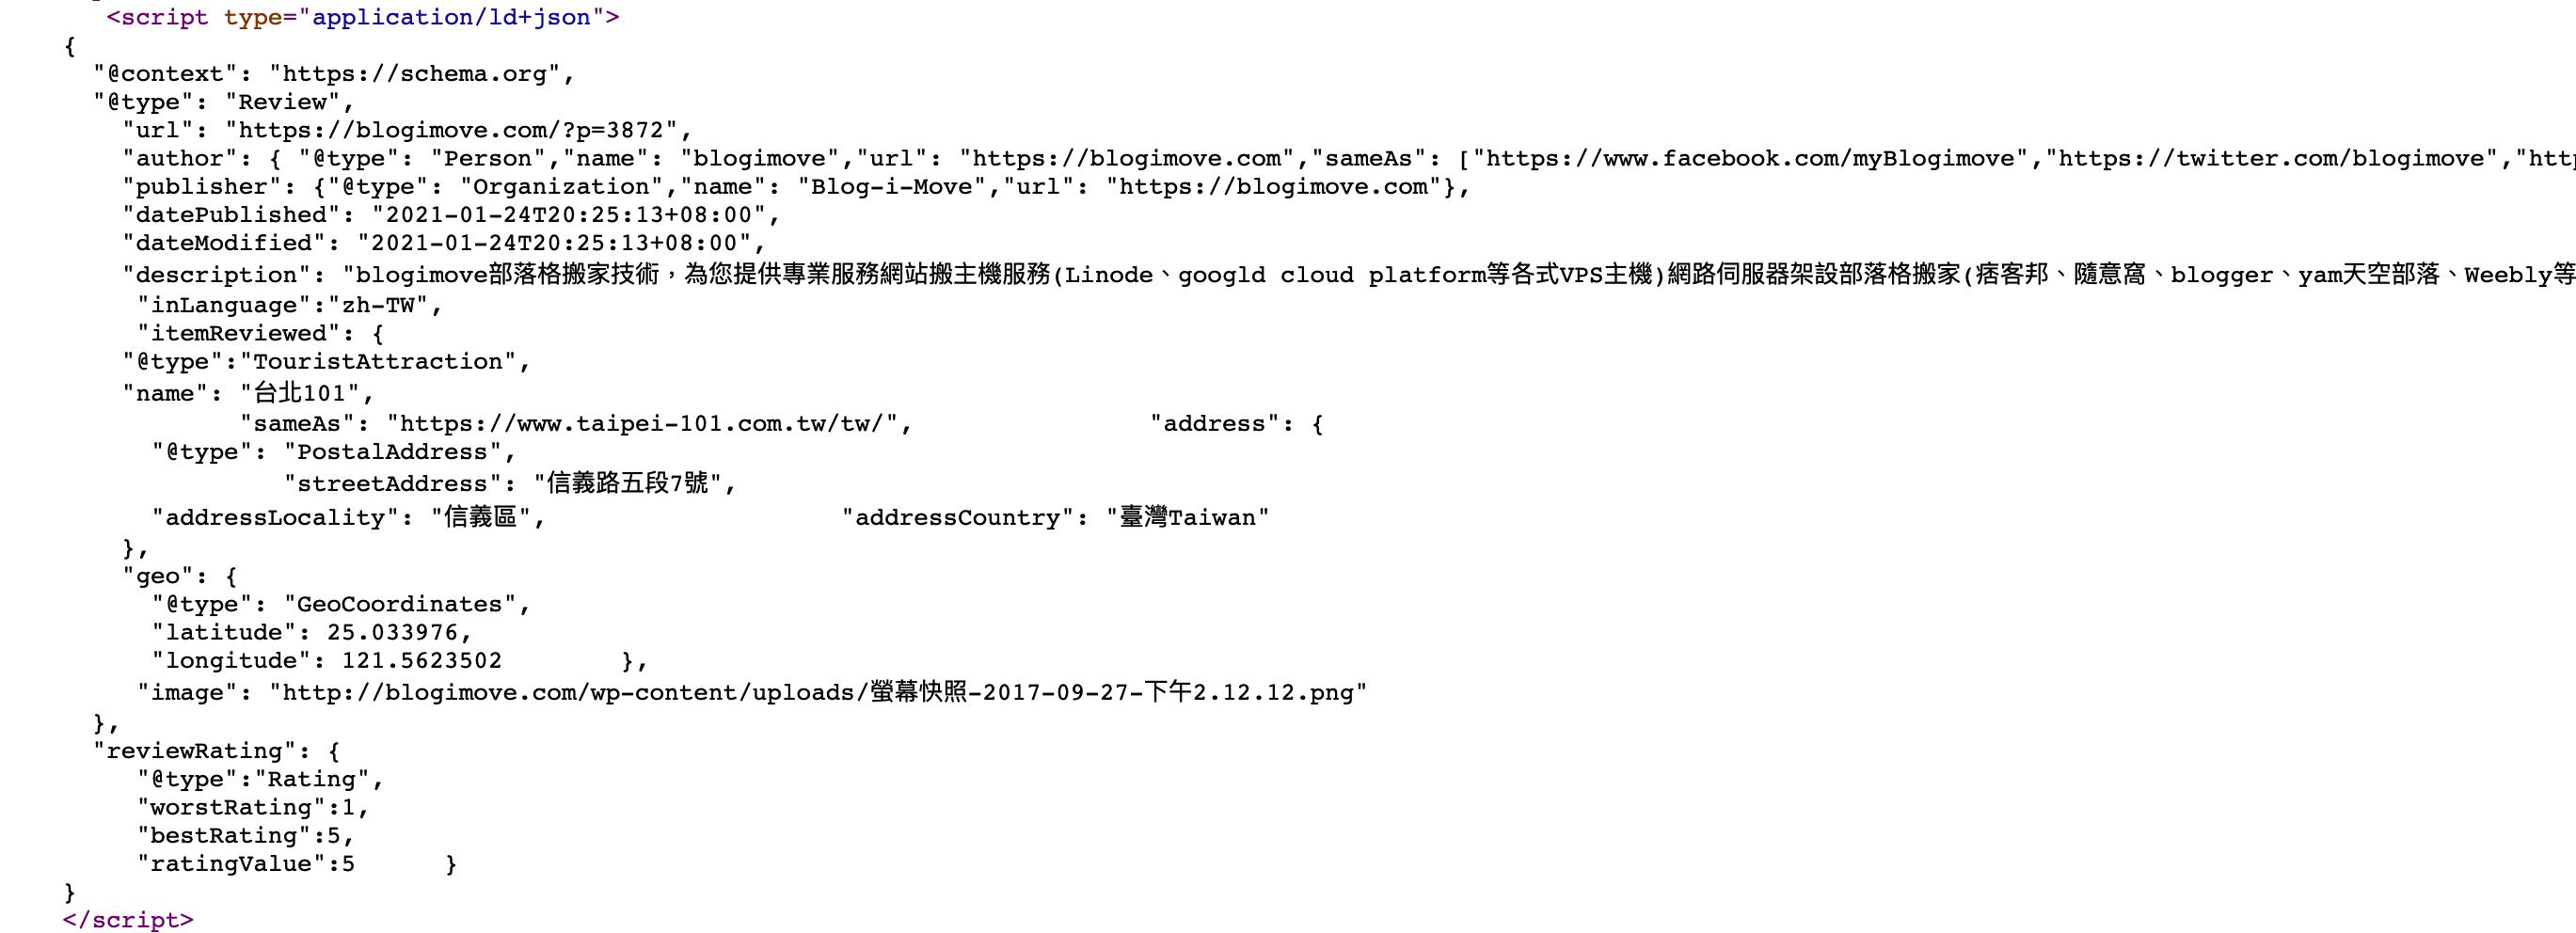 Blogimove部落客專屬外掛 整合複合搜尋結果結構化資料與google地圖,無痛搞定店家地圖與難搞的schema結構語法,不能錯過的進階搜尋引擎最佳化功能 @Blog-i-Move